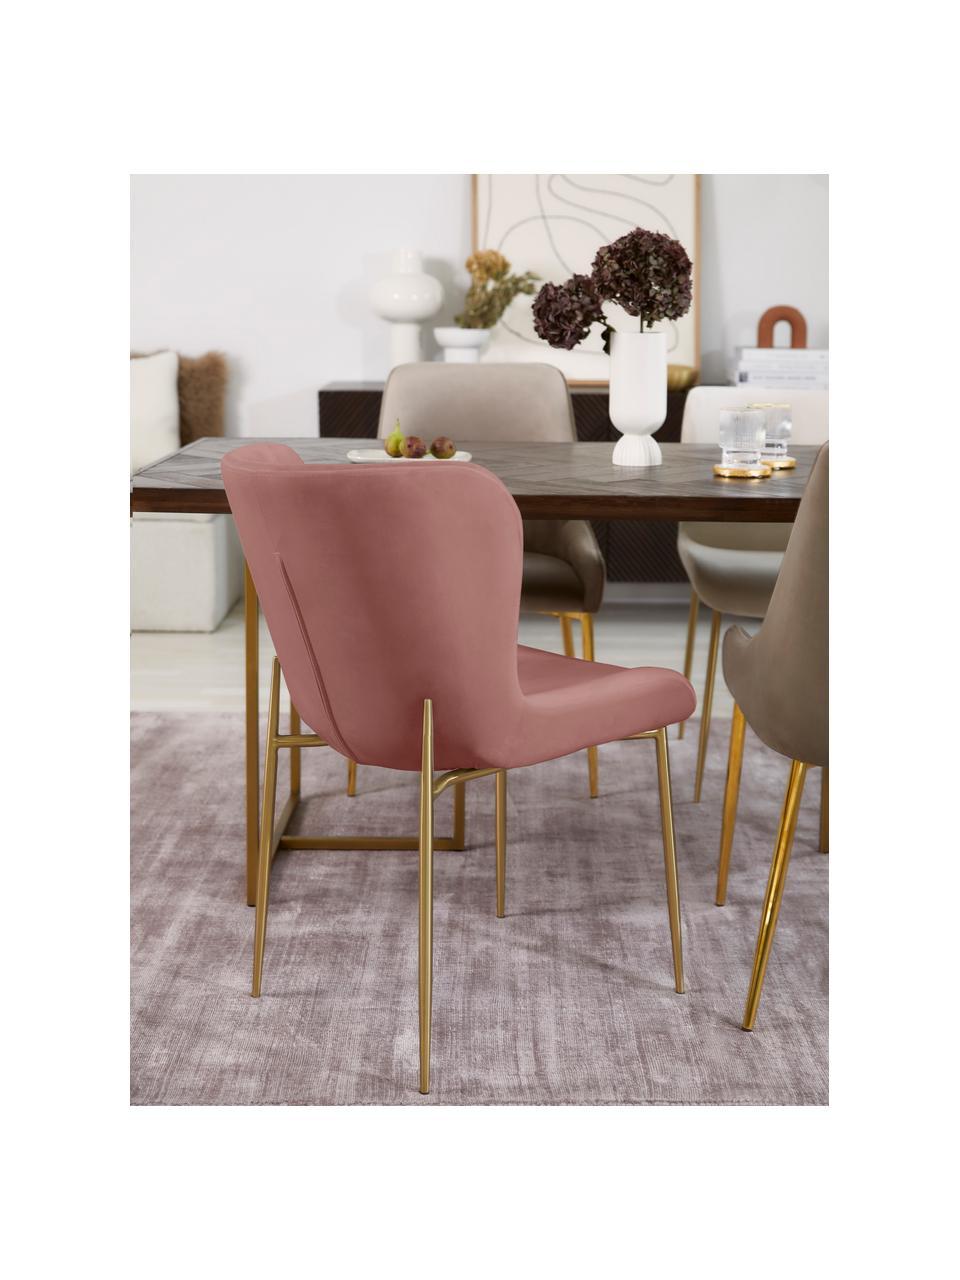 Sedia imbottita in velluto rosa cipria Tess, Rivestimento: velluto (poliestere) Con , Gambe: metallo rivestito, Velluto rosa cipria, dorato, Larg. 49 x Prof. 64 cm